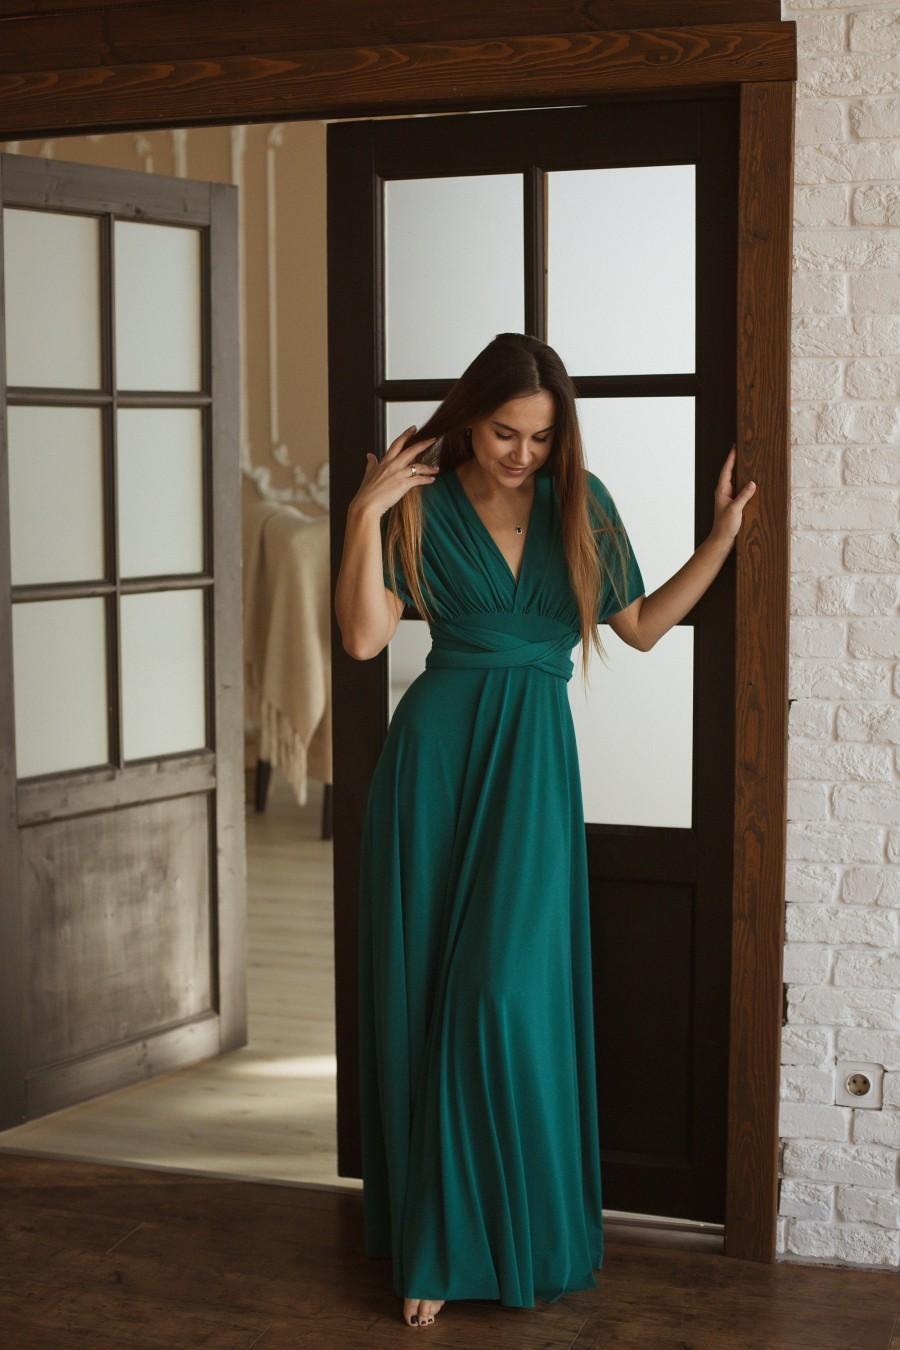 Mariage - Forest Green infinity dress, Dark Green Bridesmaid dress, forest green convertible dress, green multiway dress, dark green bridesmaid dress